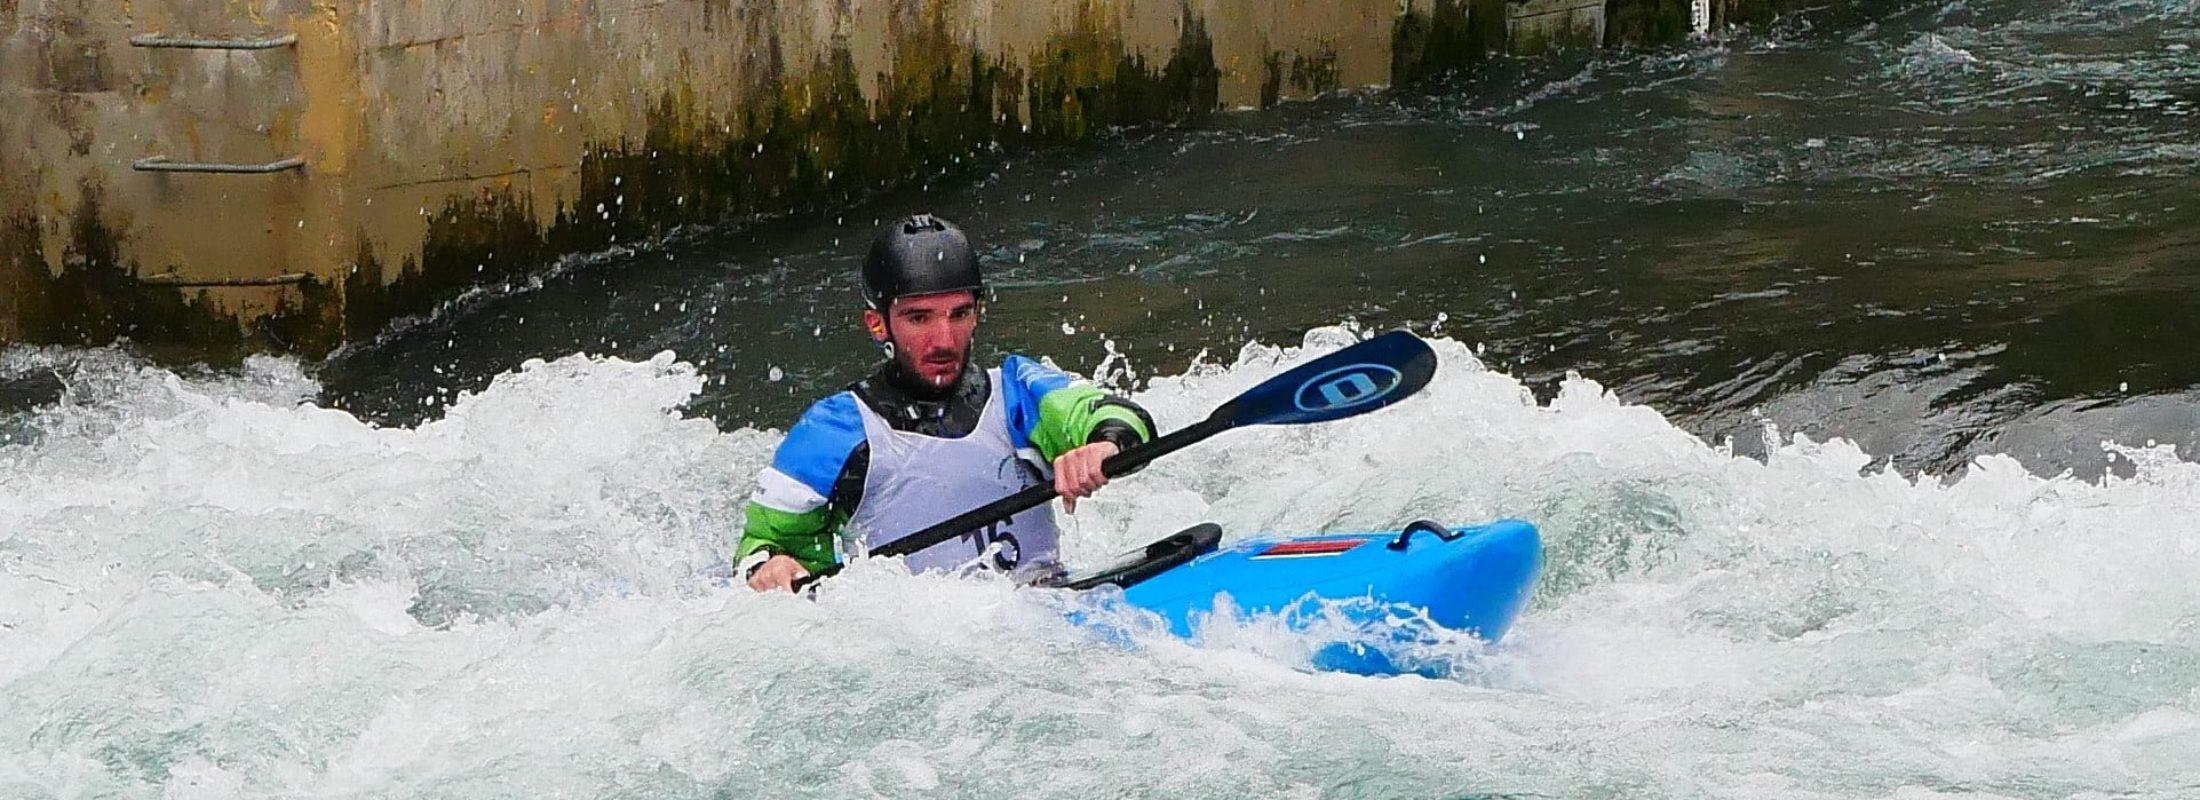 Ander de Miguel Aranaz y Xabi Prieto Sarasti en el Campeonato Navarro de Aguas Bravas